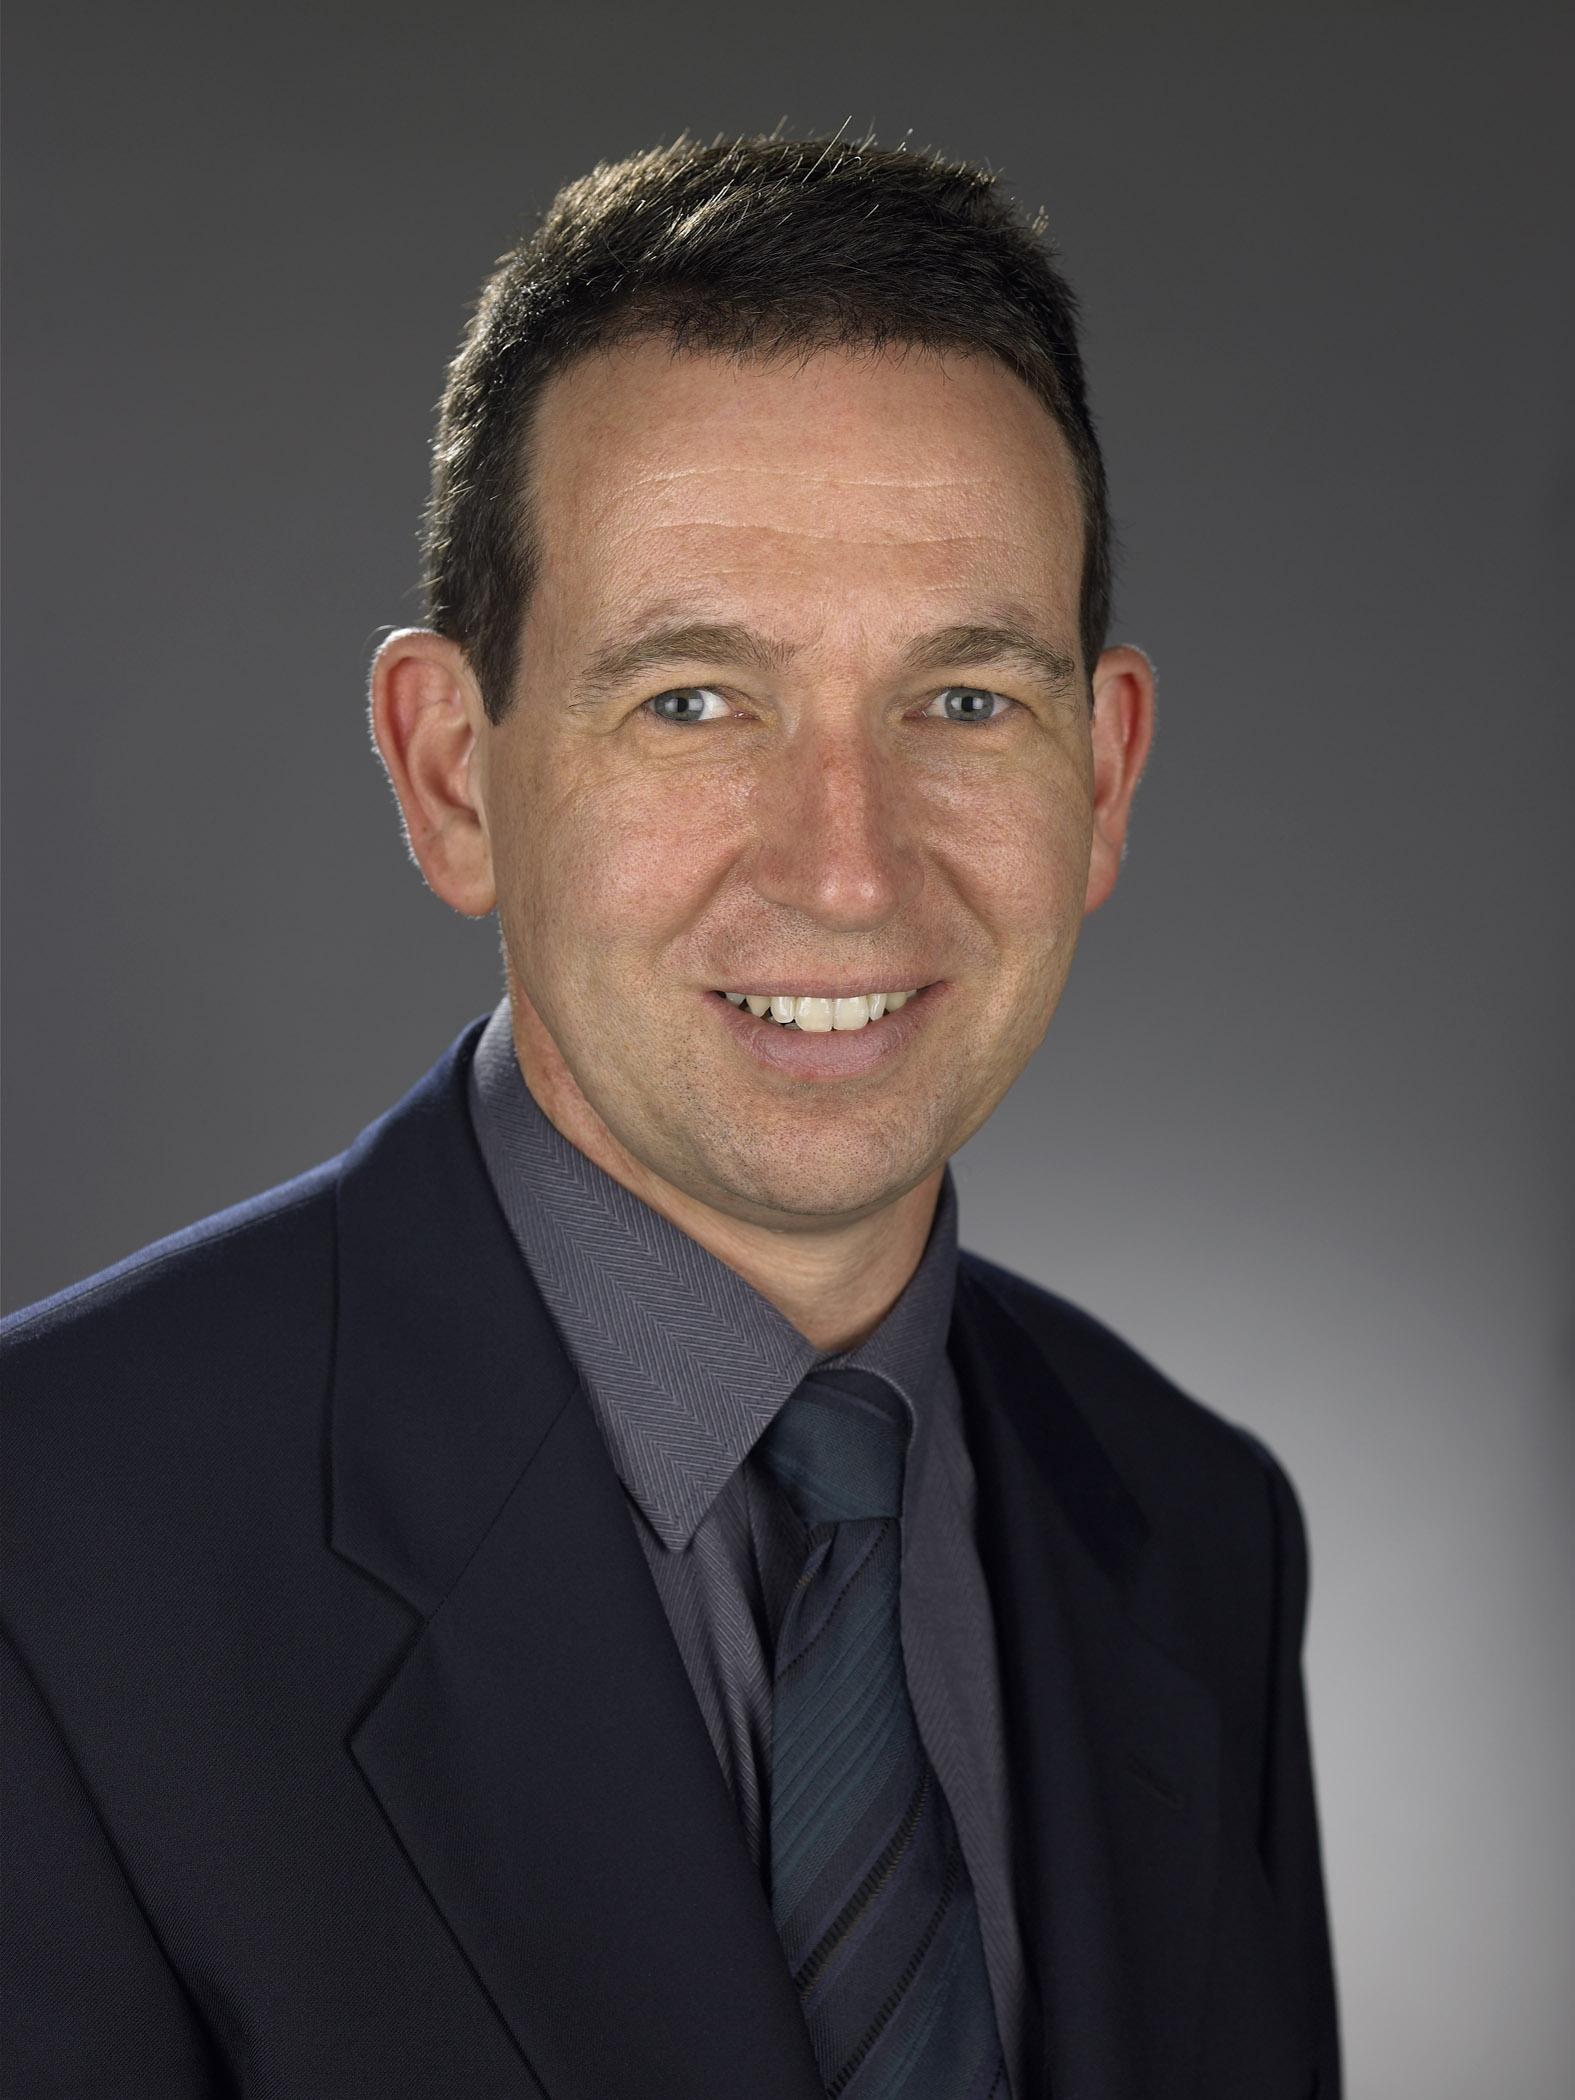 Dr David Fraenkel